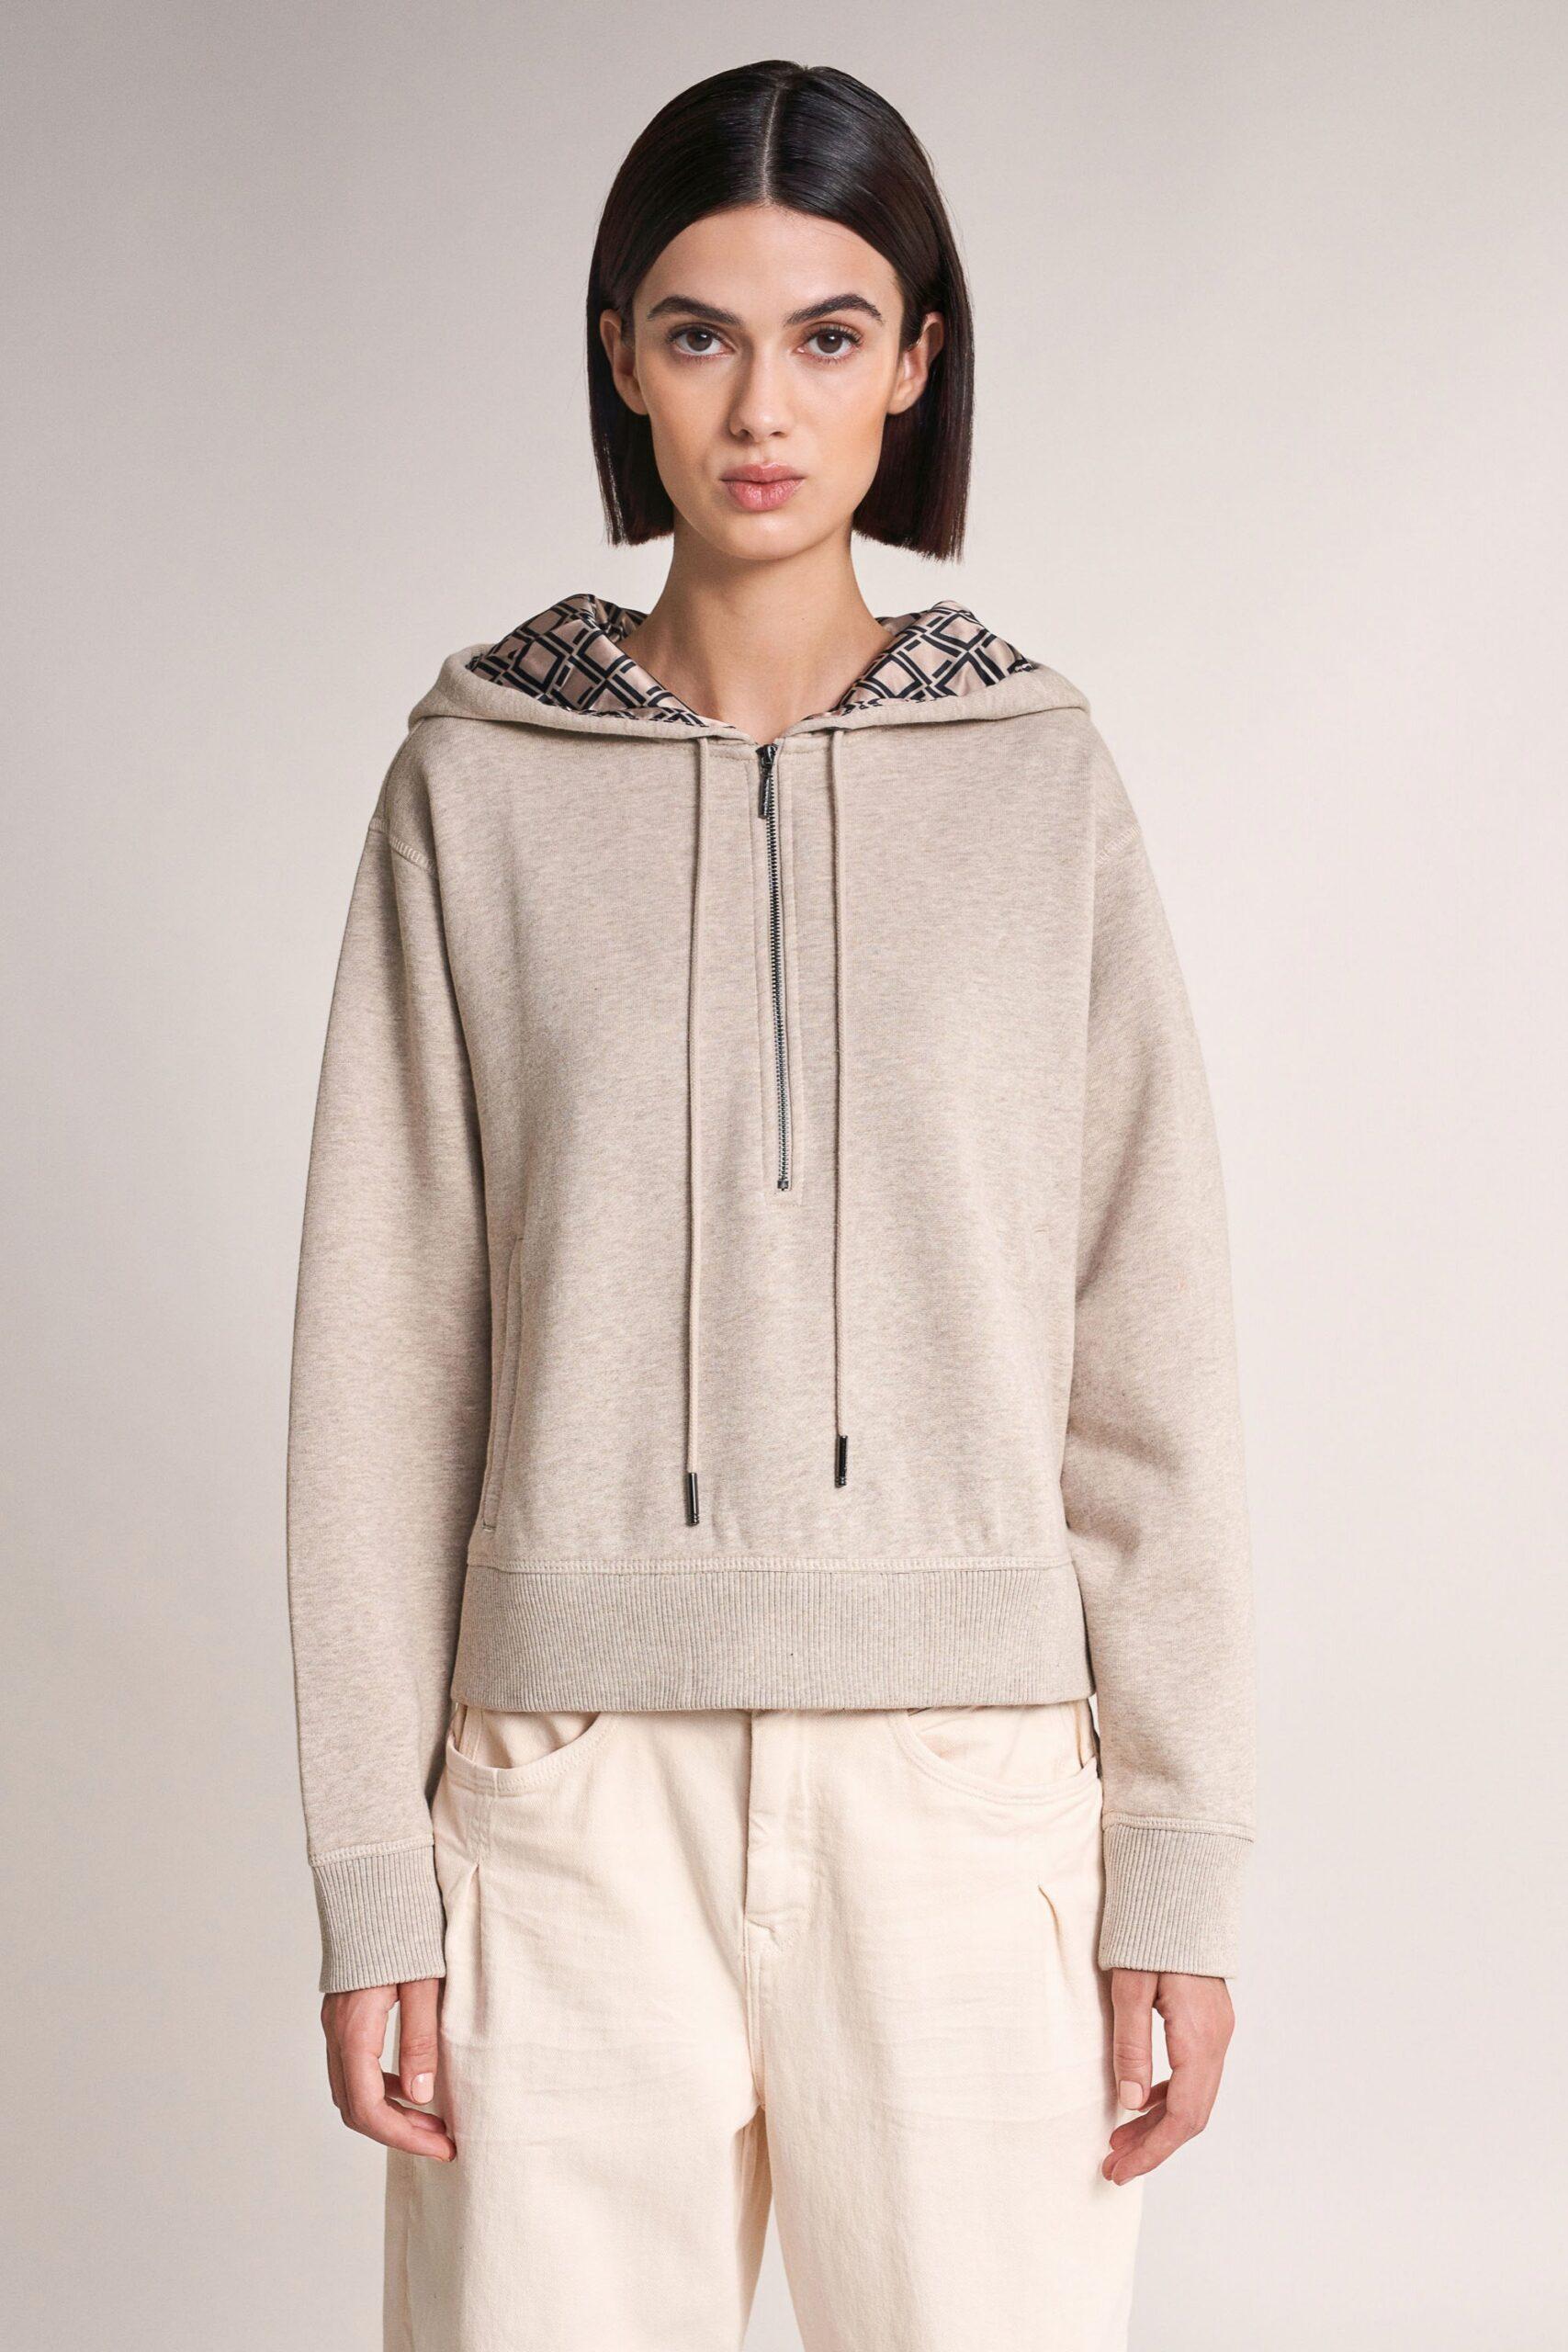 Oversized sweatshirt with hood